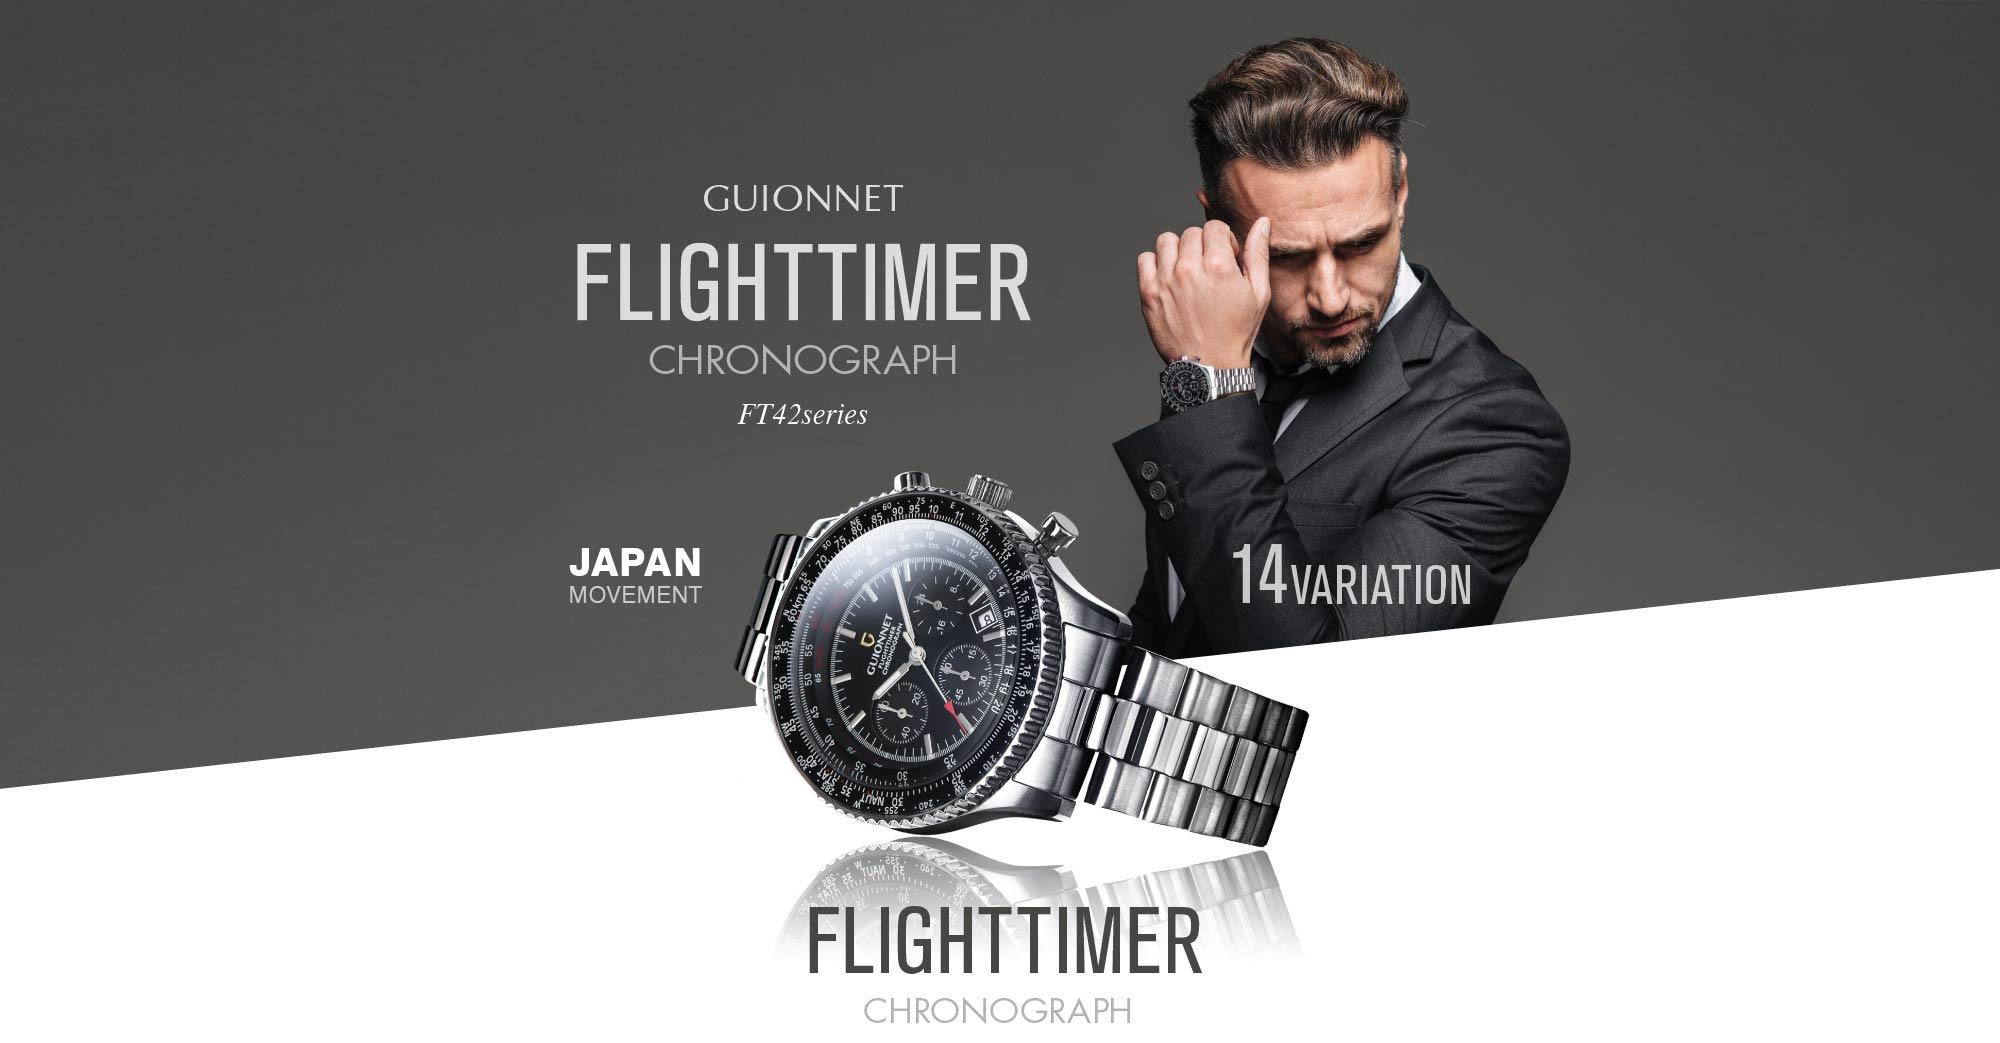 【20代前半】スーツに合う、普段使いもできる腕時計(メンズ)のおすすめは?【予算3万円】